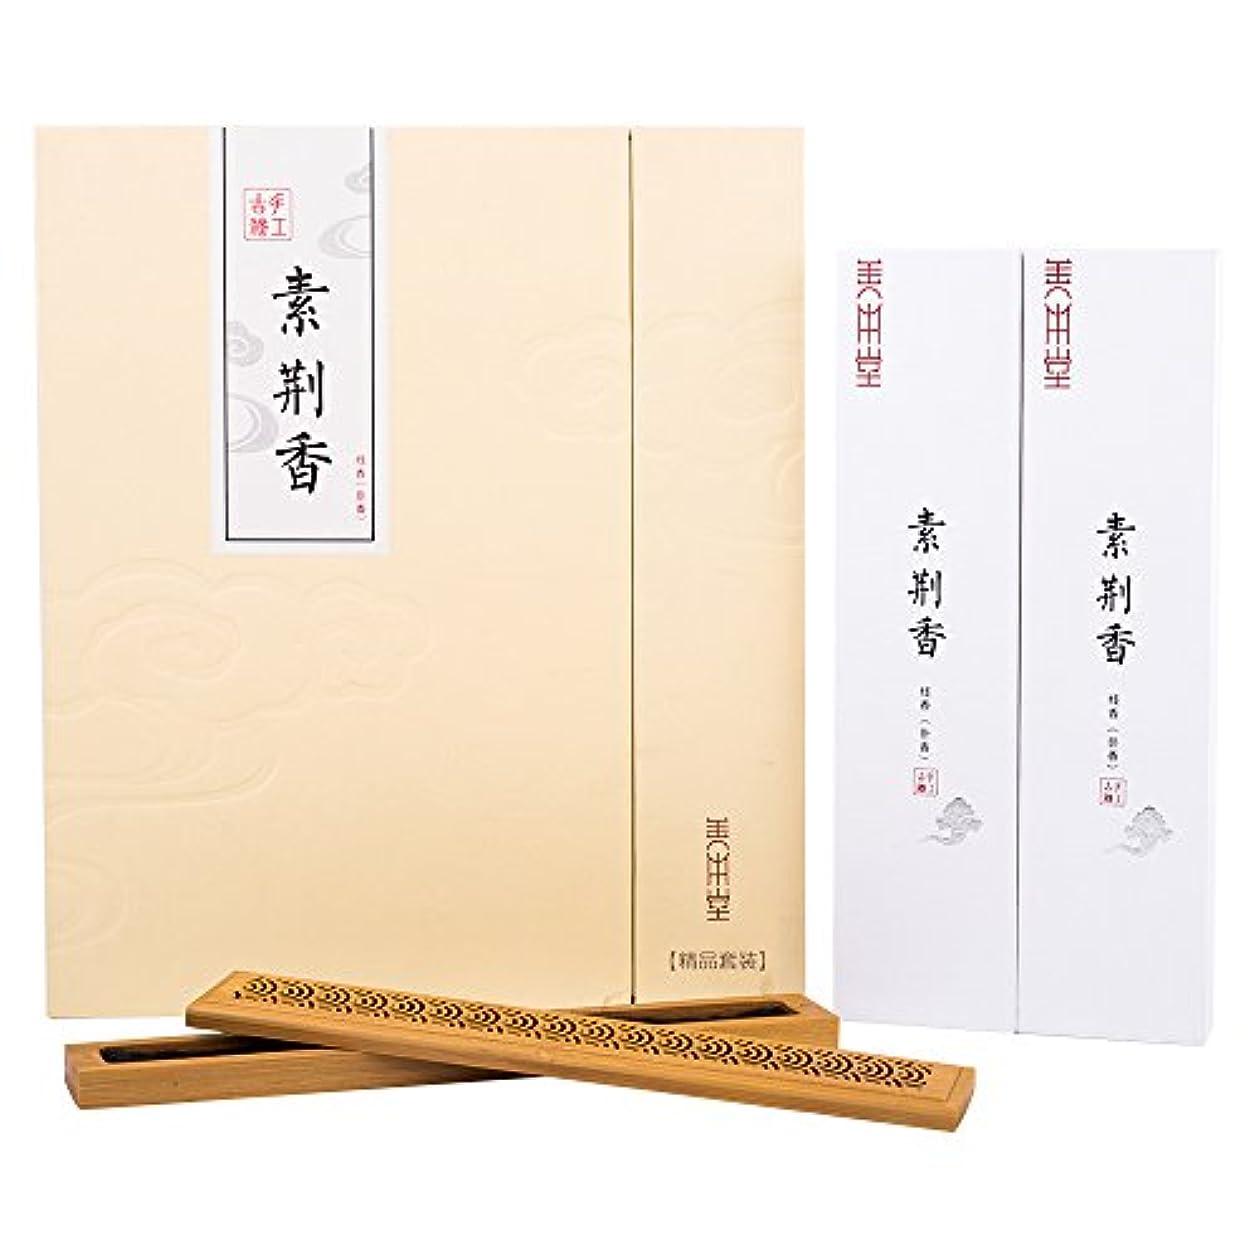 期待して異邦人農村shanbentang Incense Sticks、純粋な自然Incense Stickハンドメイド、NO化学追加され、プレミアムギフト梱包with Wooden Incense Burner